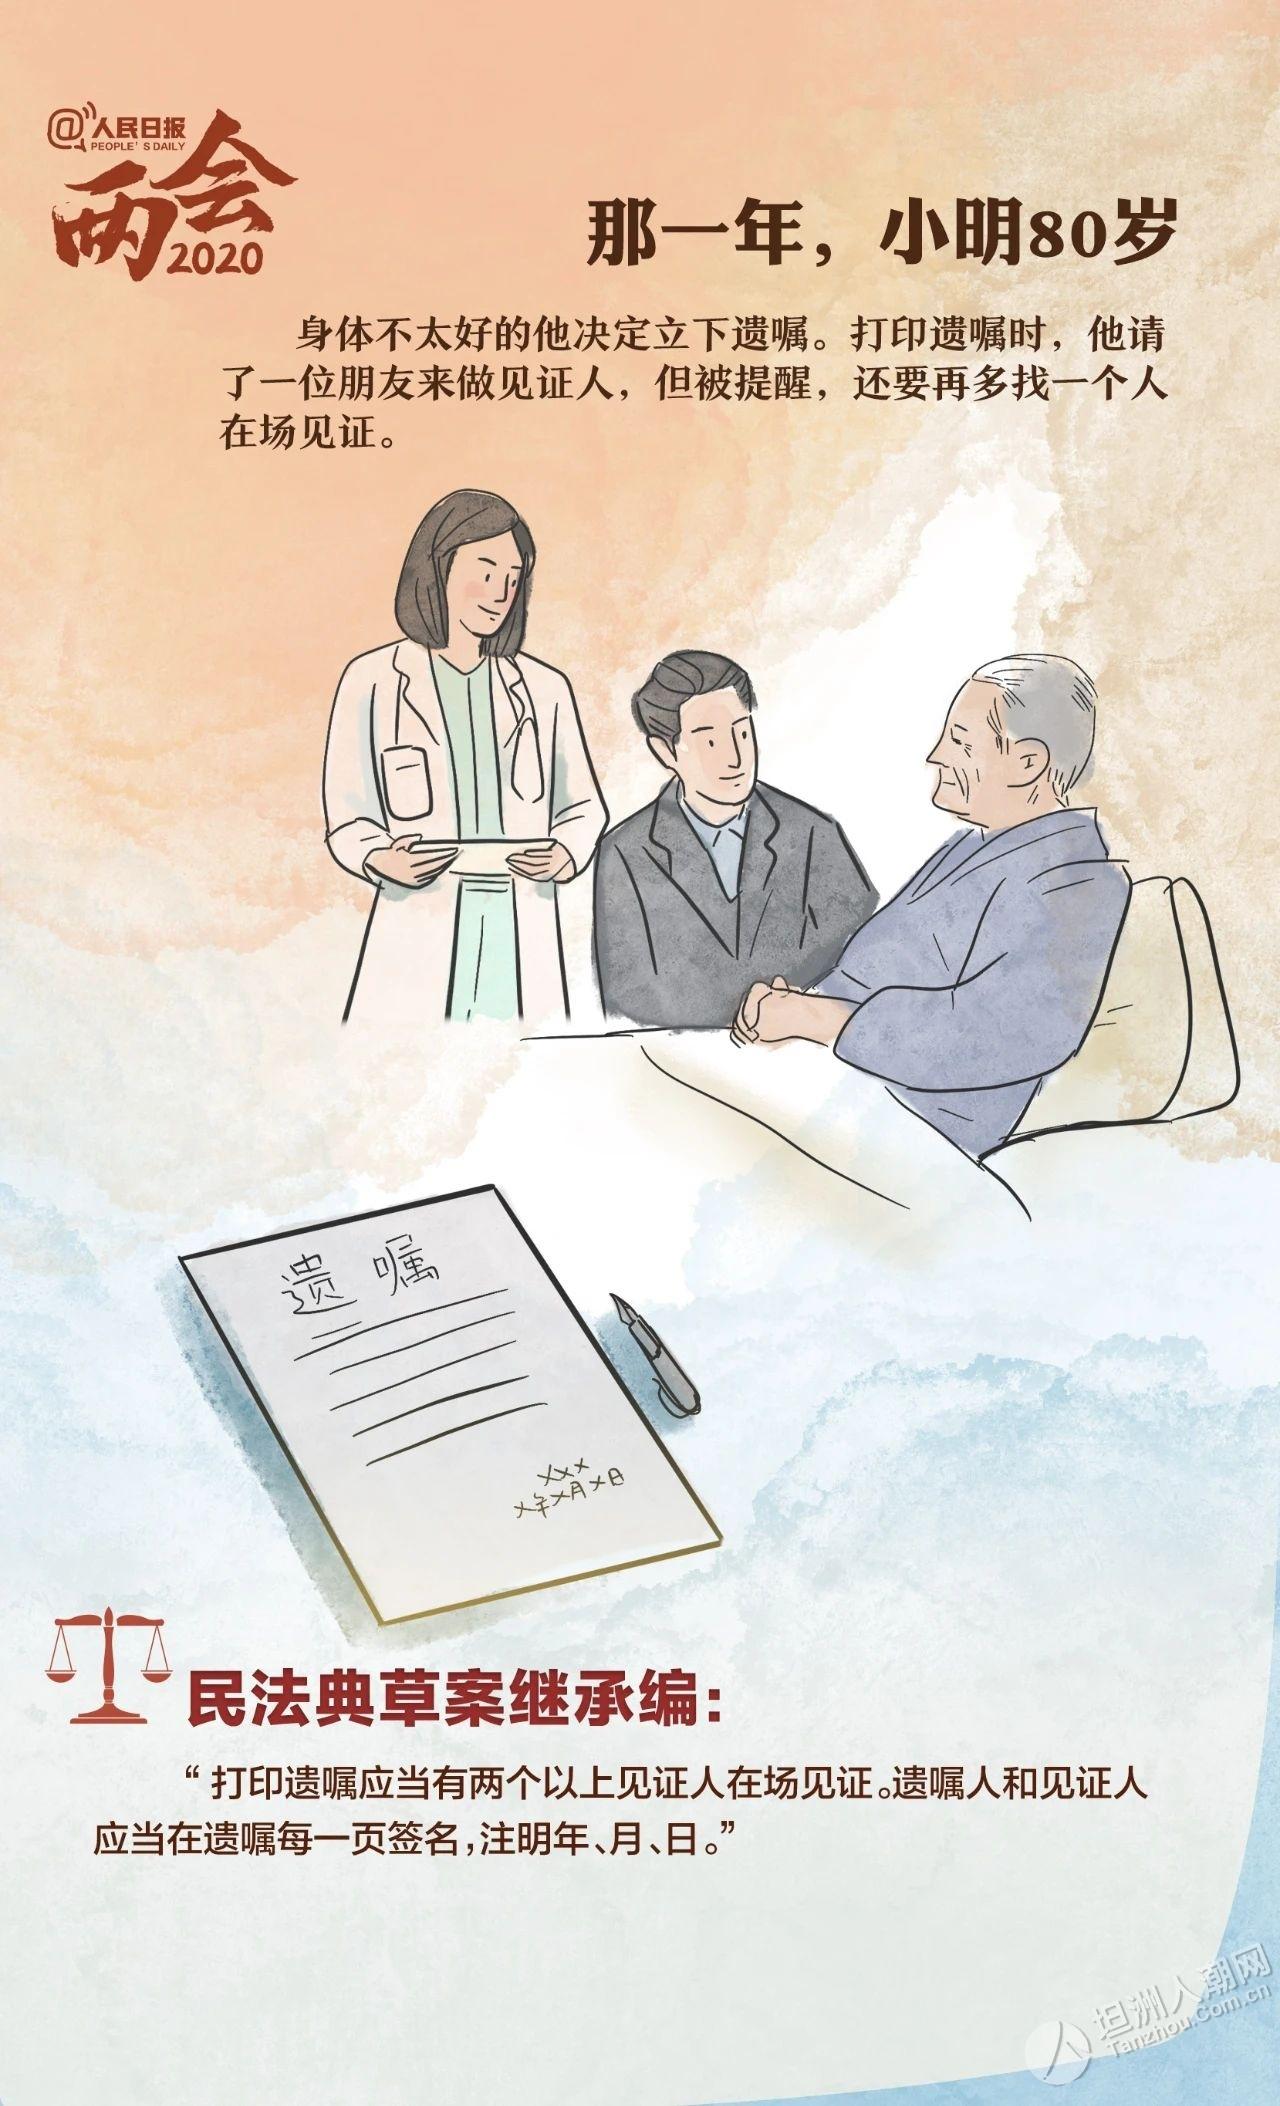 重磅!《中华人民共和国民法典》诞生了!涉及这些...